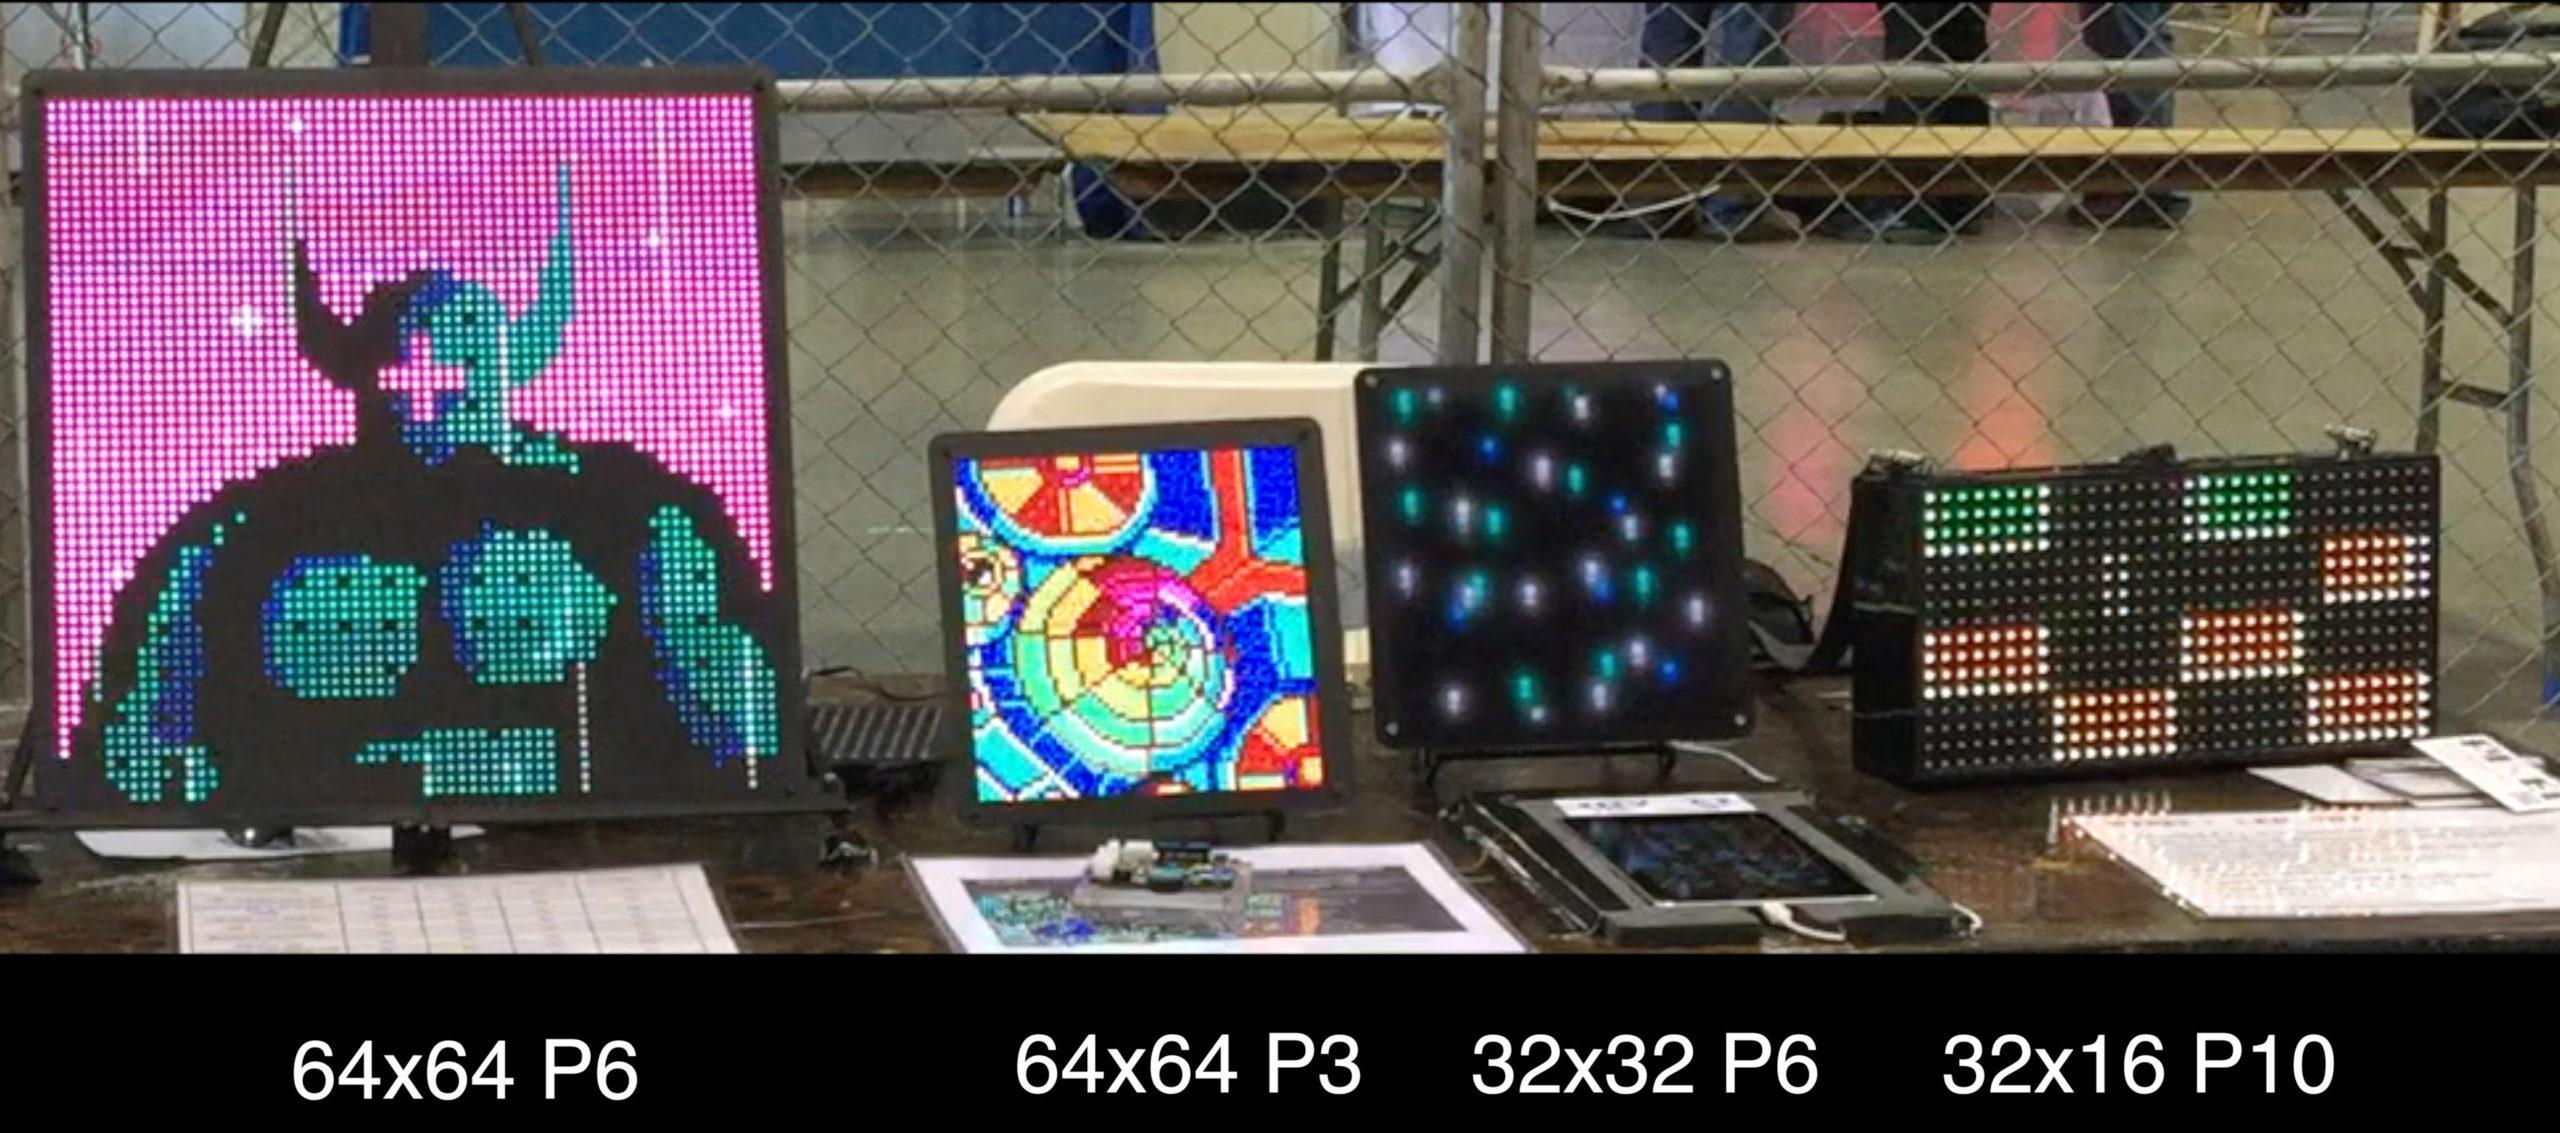 PIXEL:LED ART Maker's Kit | PIXEL: LED ART